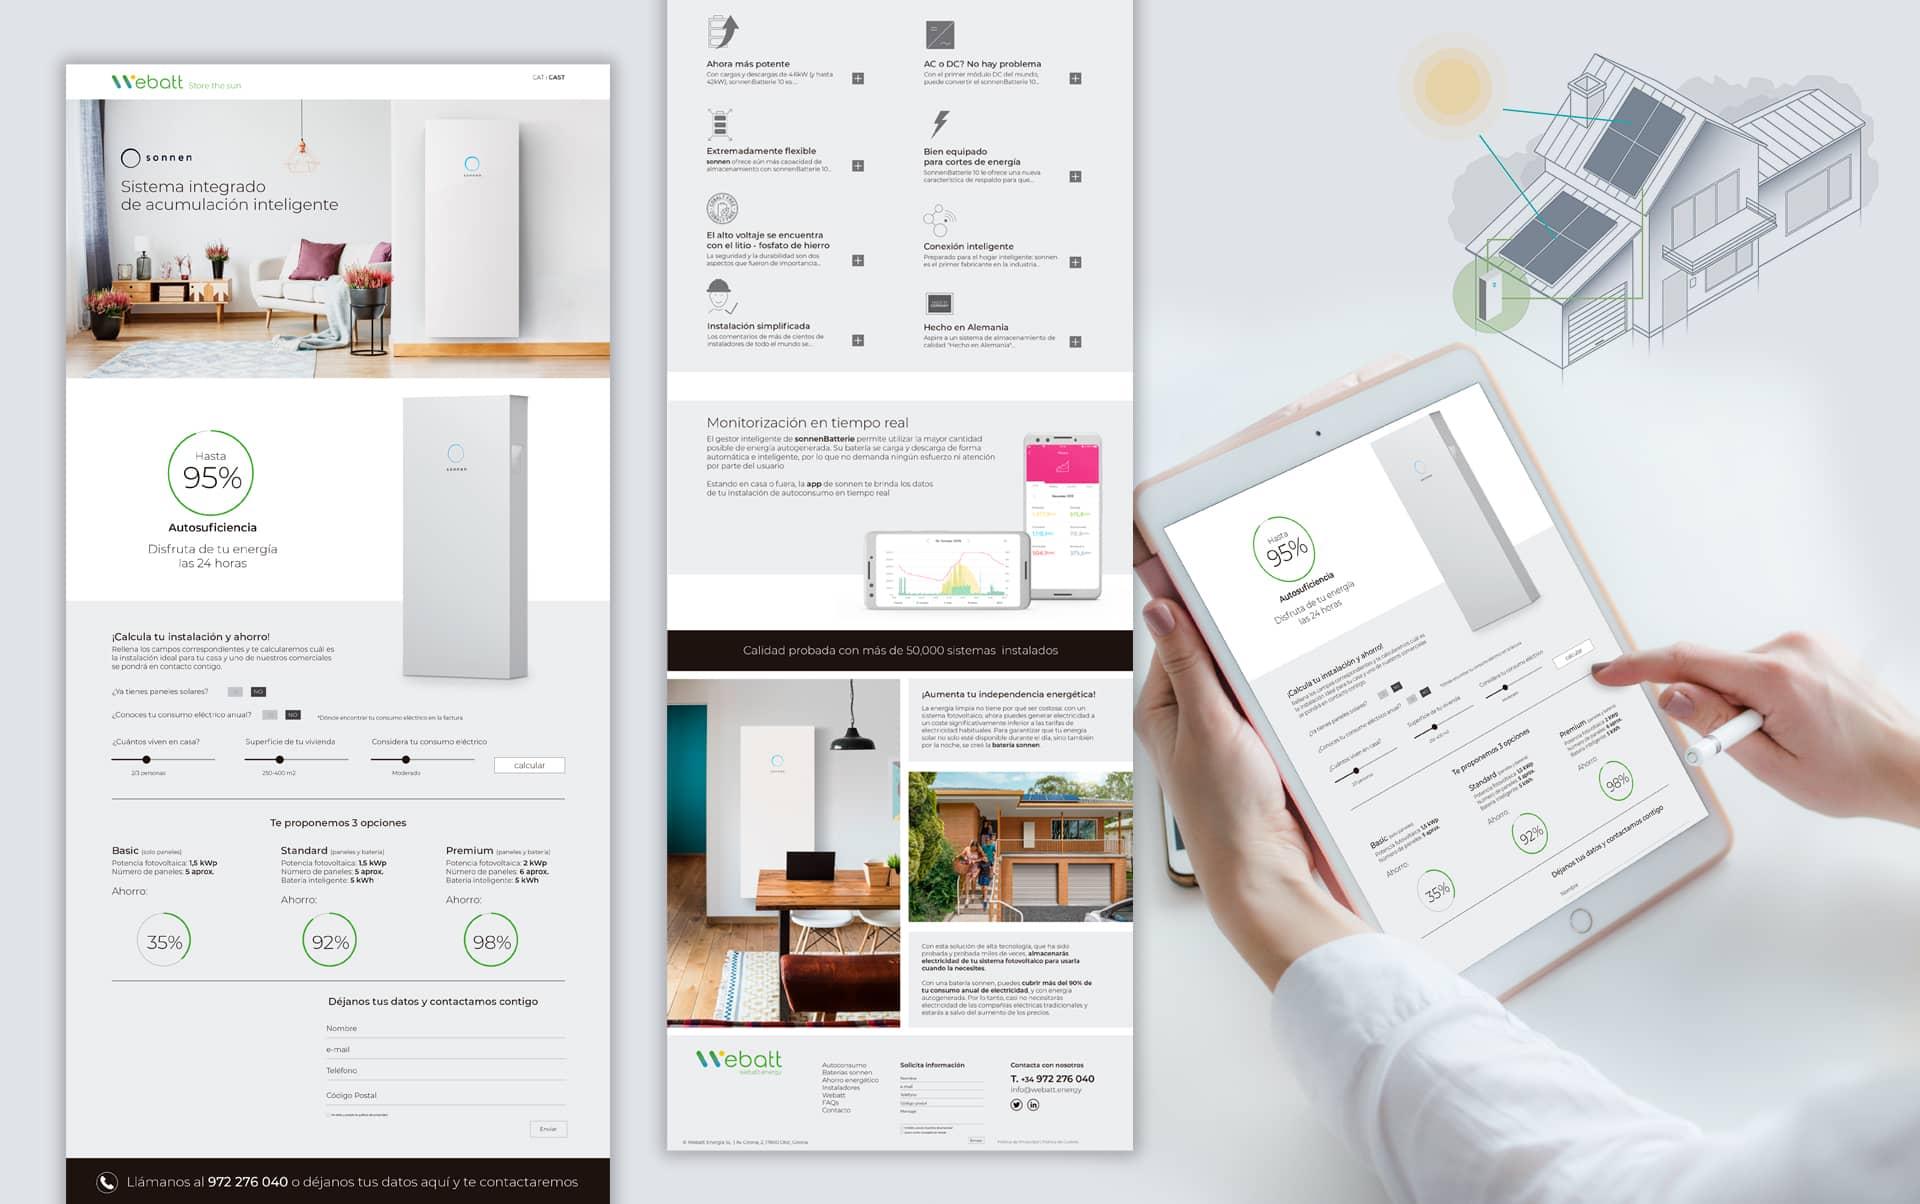 03 webatt Disseny web - Análisis, consultoría, estilo comunicacional y diseño web